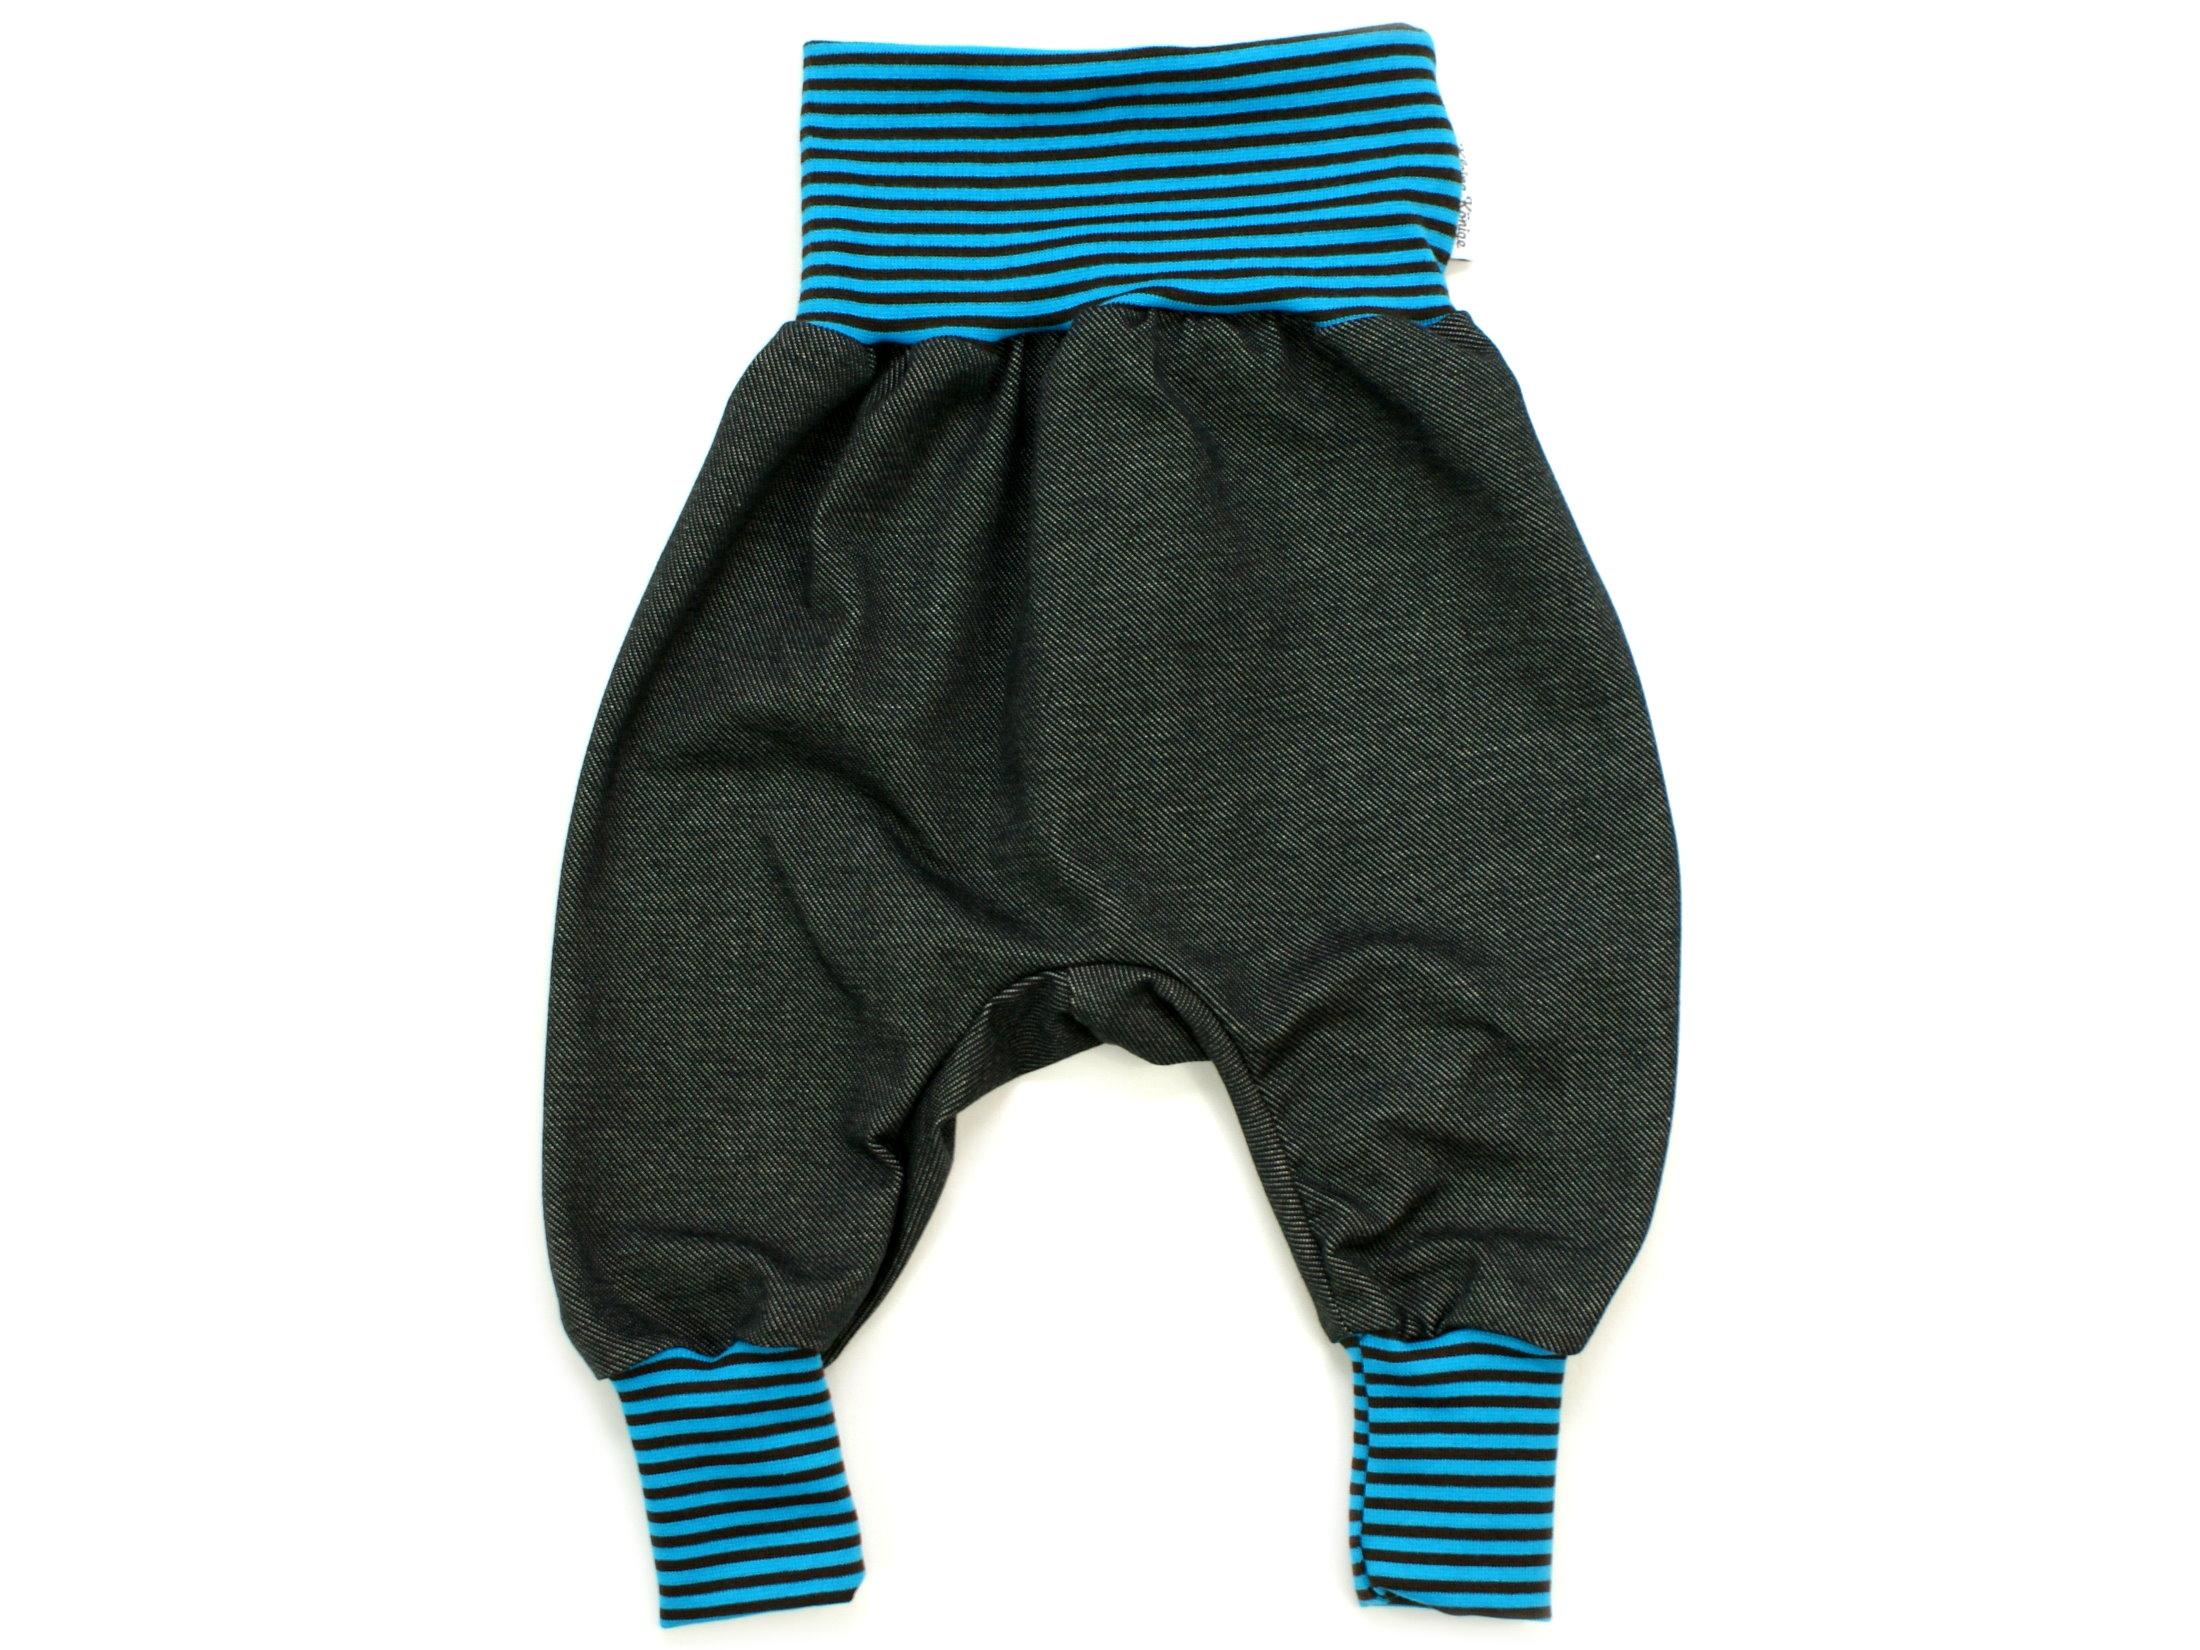 Baby Pumphose Denim Streifen türkis schwarz